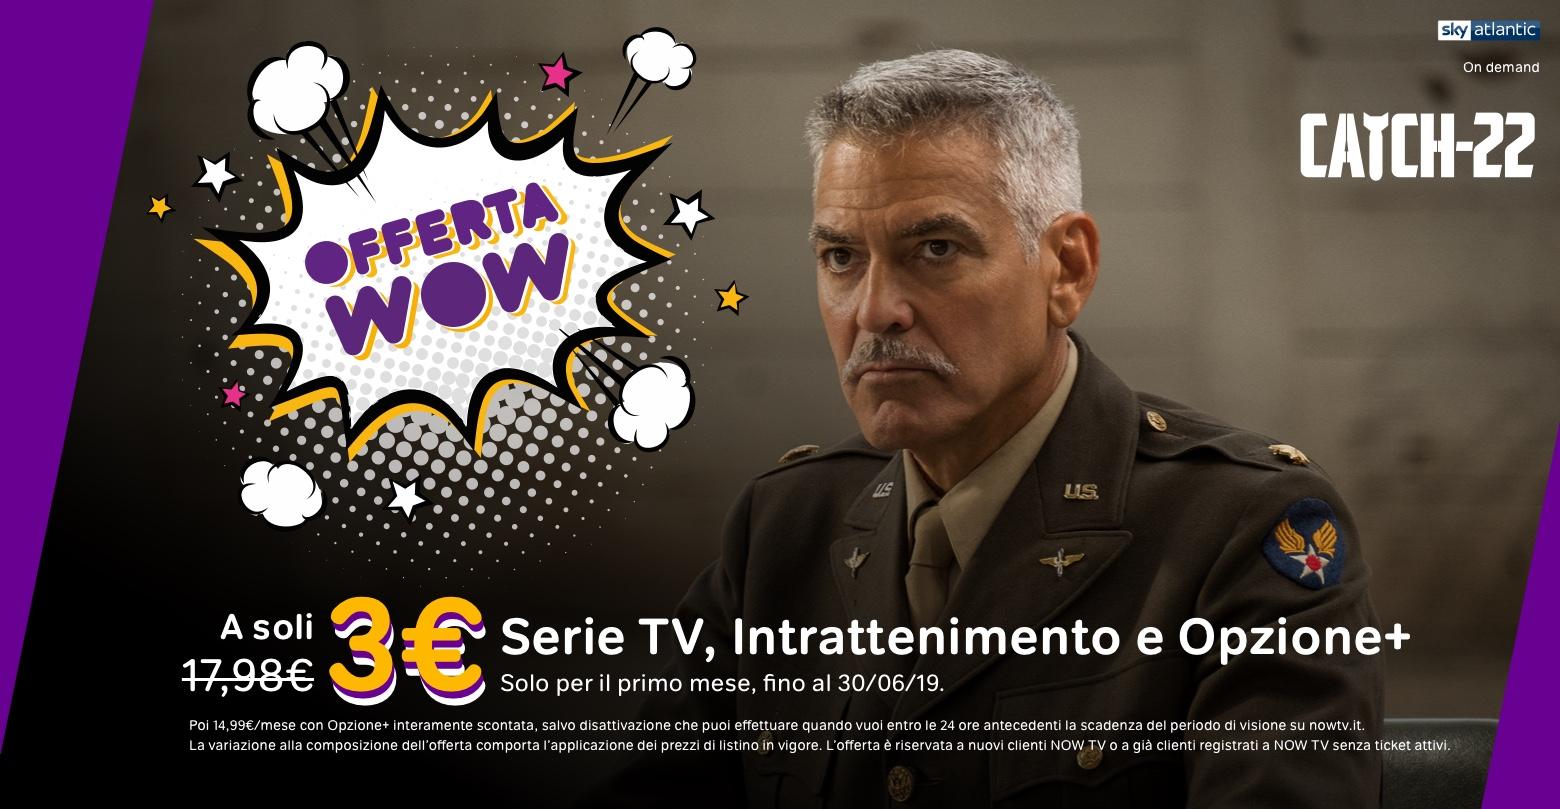 Now Tv offerta WOW 3 euro